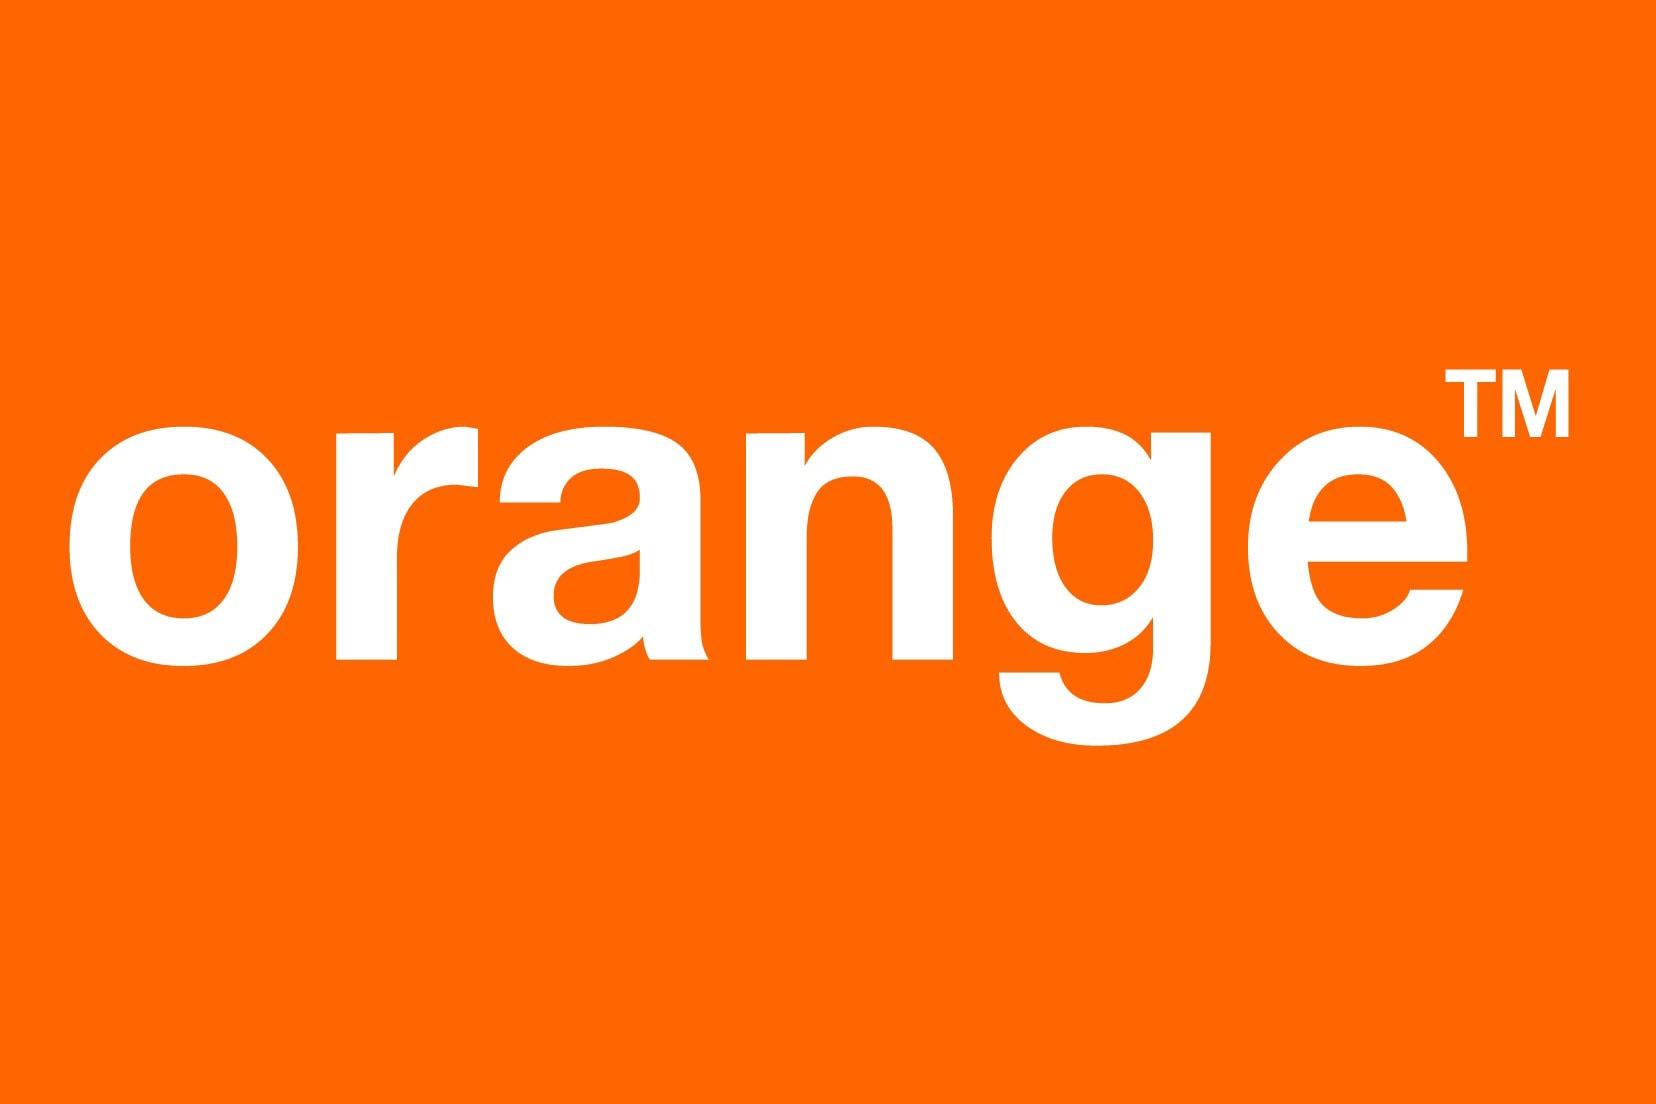 Orange : Des pirates auraient récupéré les données d'une vingtaine d'entreprises lors d'une cyberattaque